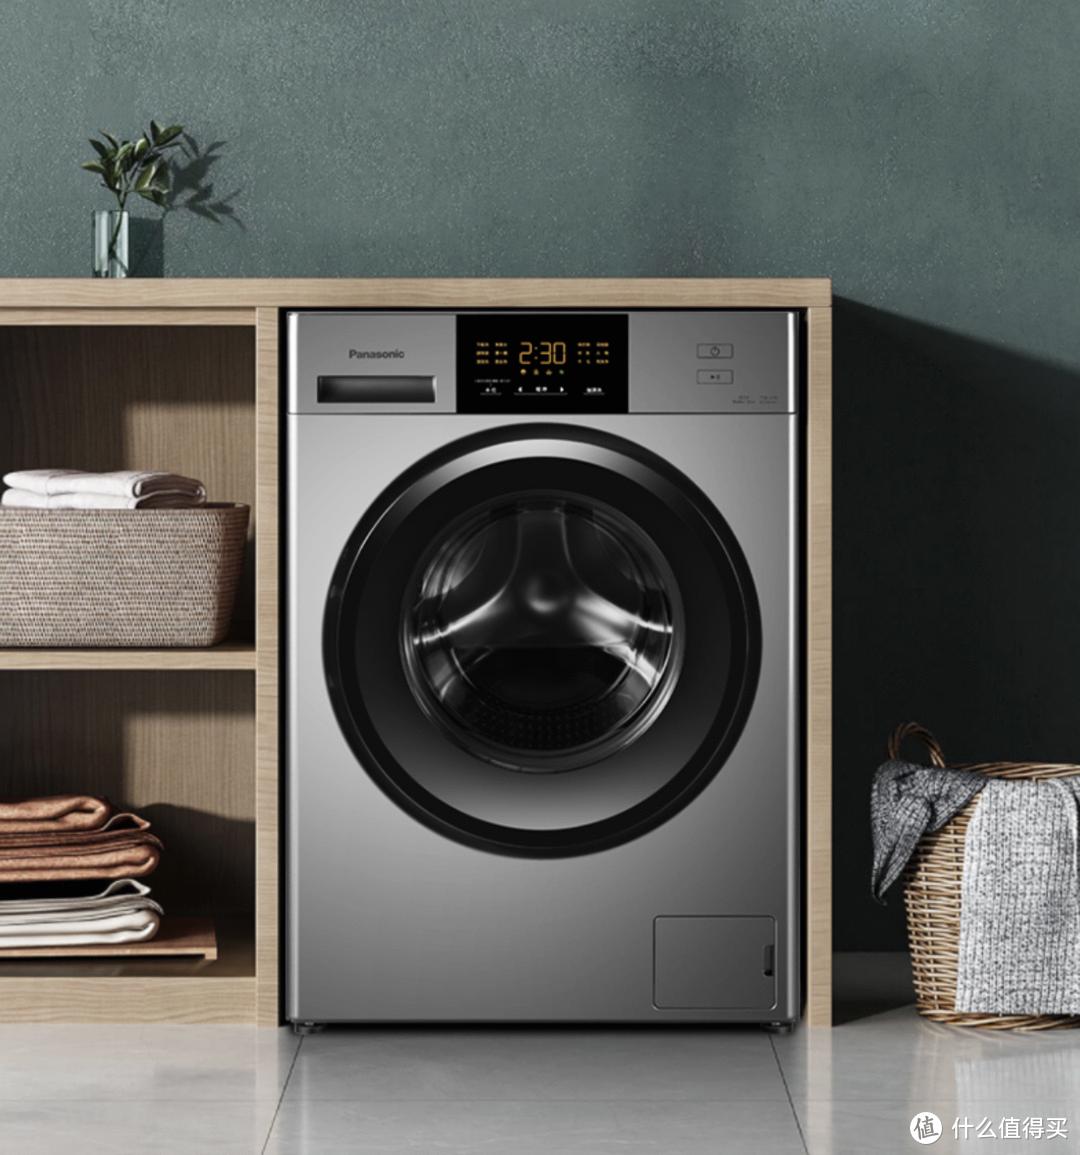 装修季必选好物!松下推出新款变频滚筒洗衣机XQG100-E10G